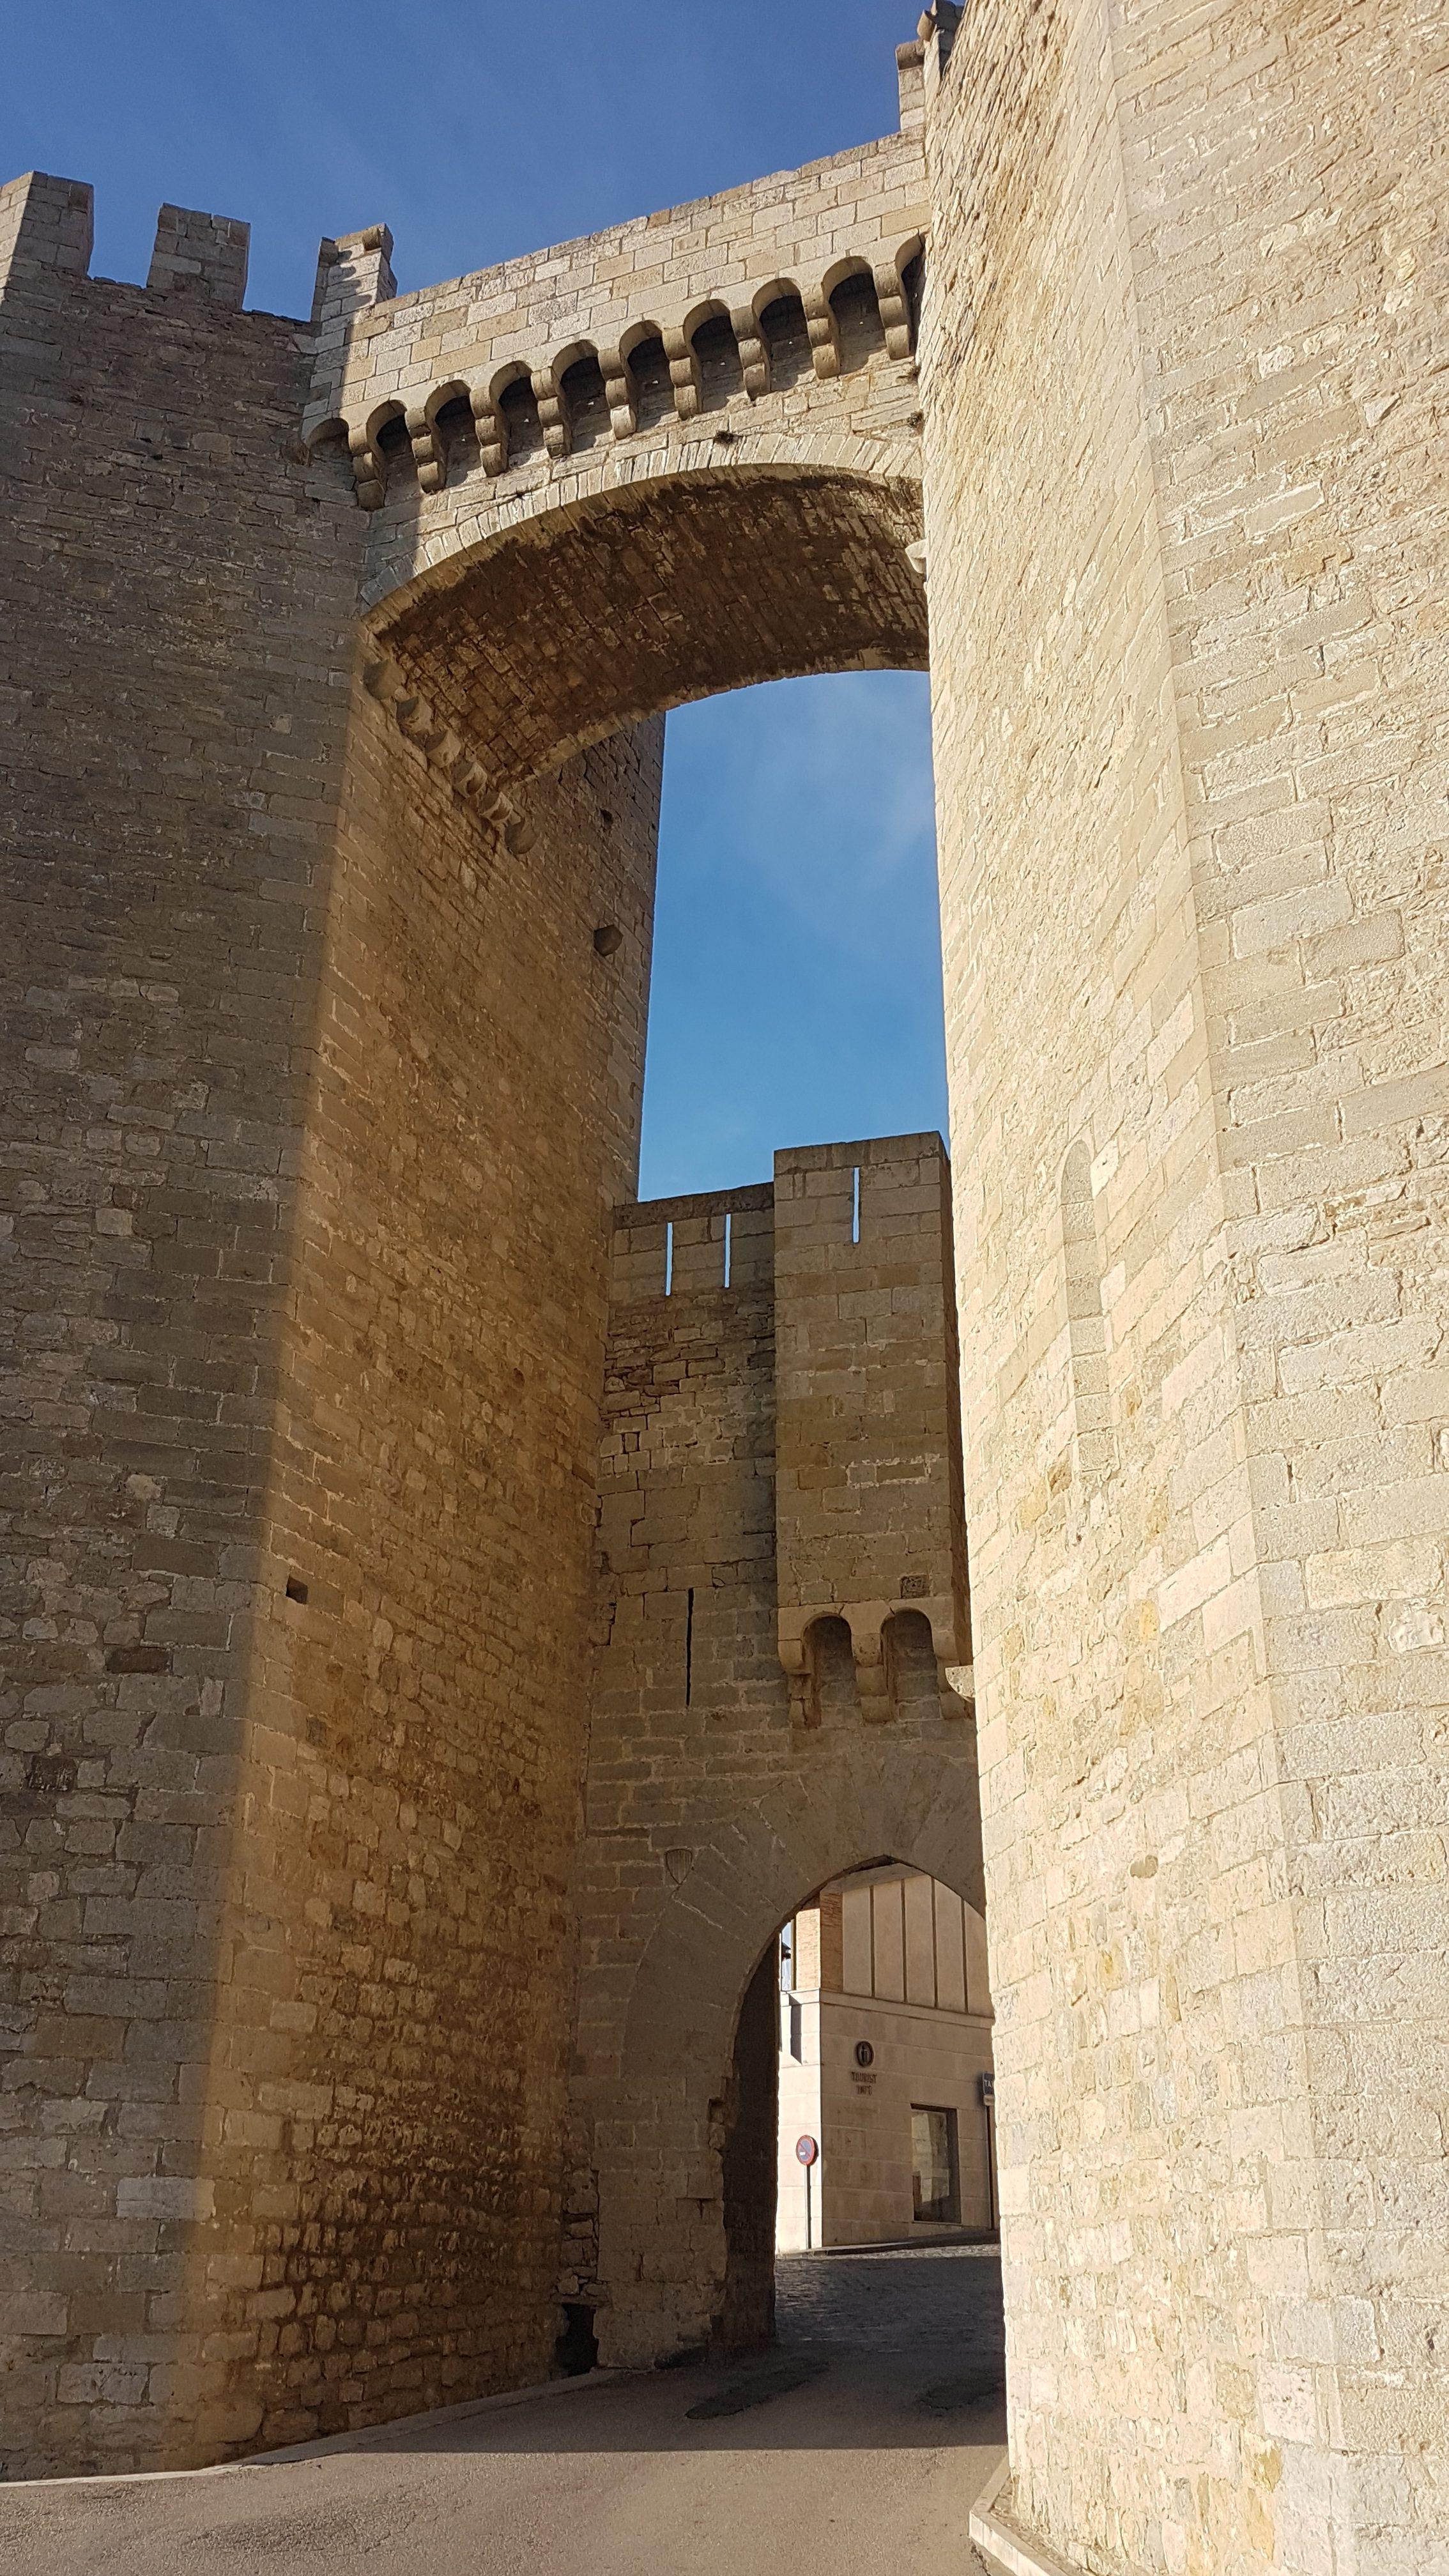 Puerta de San Miguel, morella